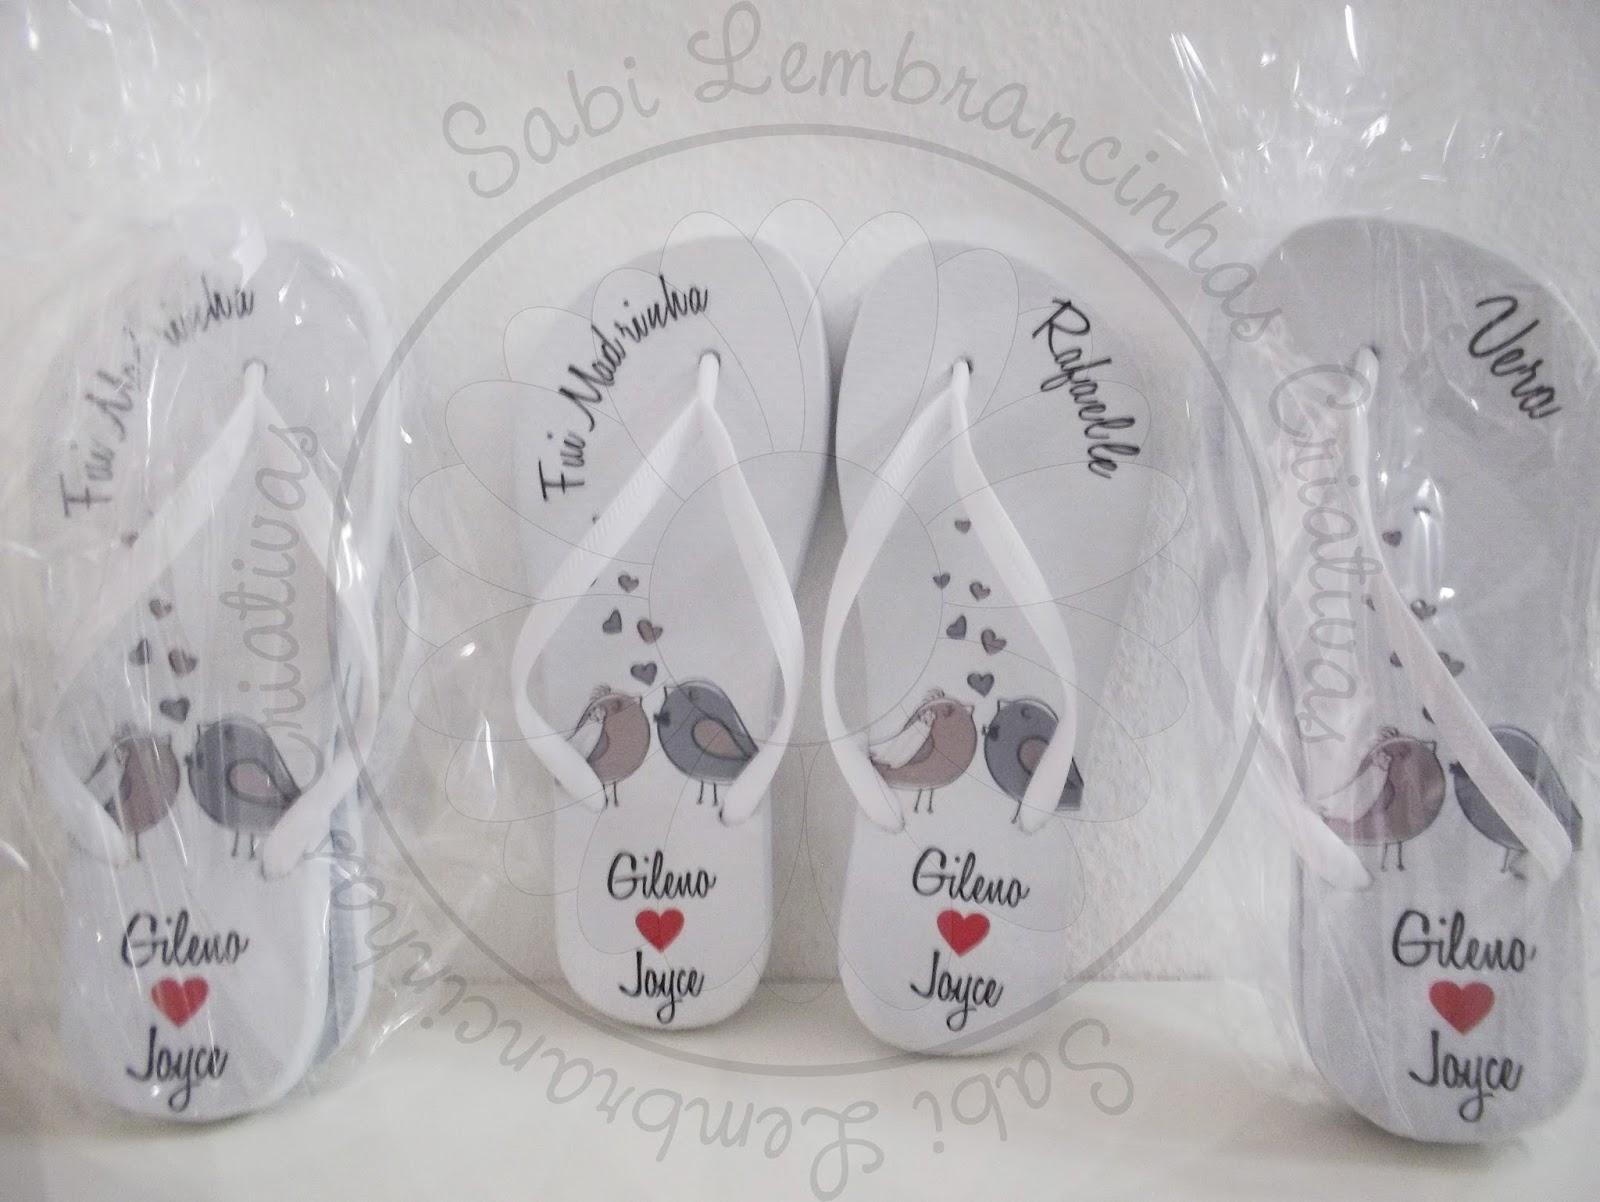 f3bab94b4 Lembrancinha de Padrinho: A Noiva Joyce (SP) encomendou para suas Madrinhas  7 Pares de Chinelo Personalizados e para os Padrinhos 7 Canecas de  Porcelana.